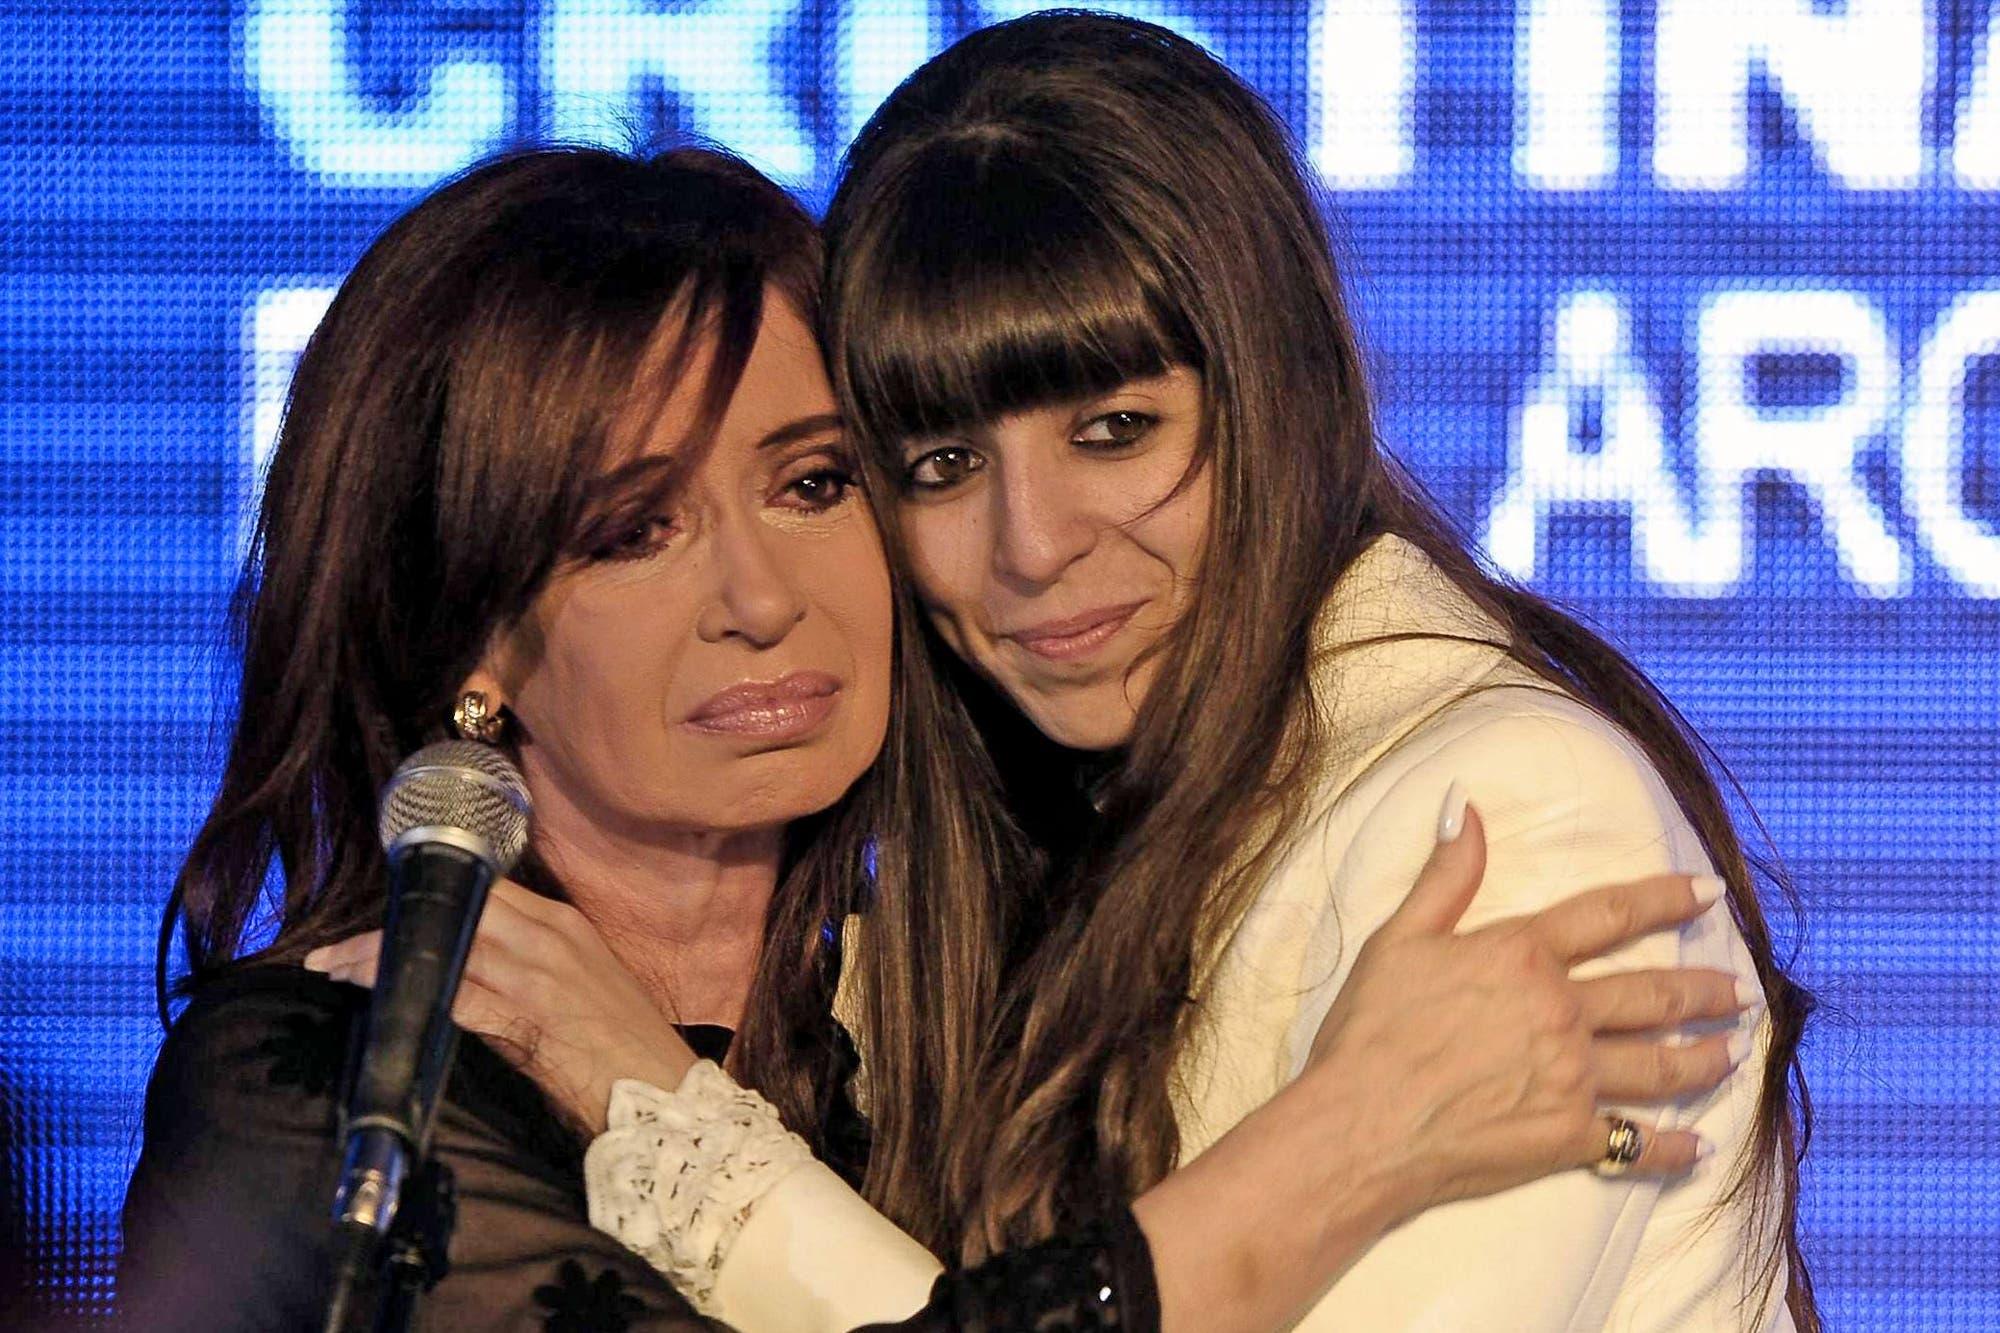 La salud de Florencia: Cristina Kirchner viaja otra vez de manera sorpresiva a Cuba y deja la campaña electoral